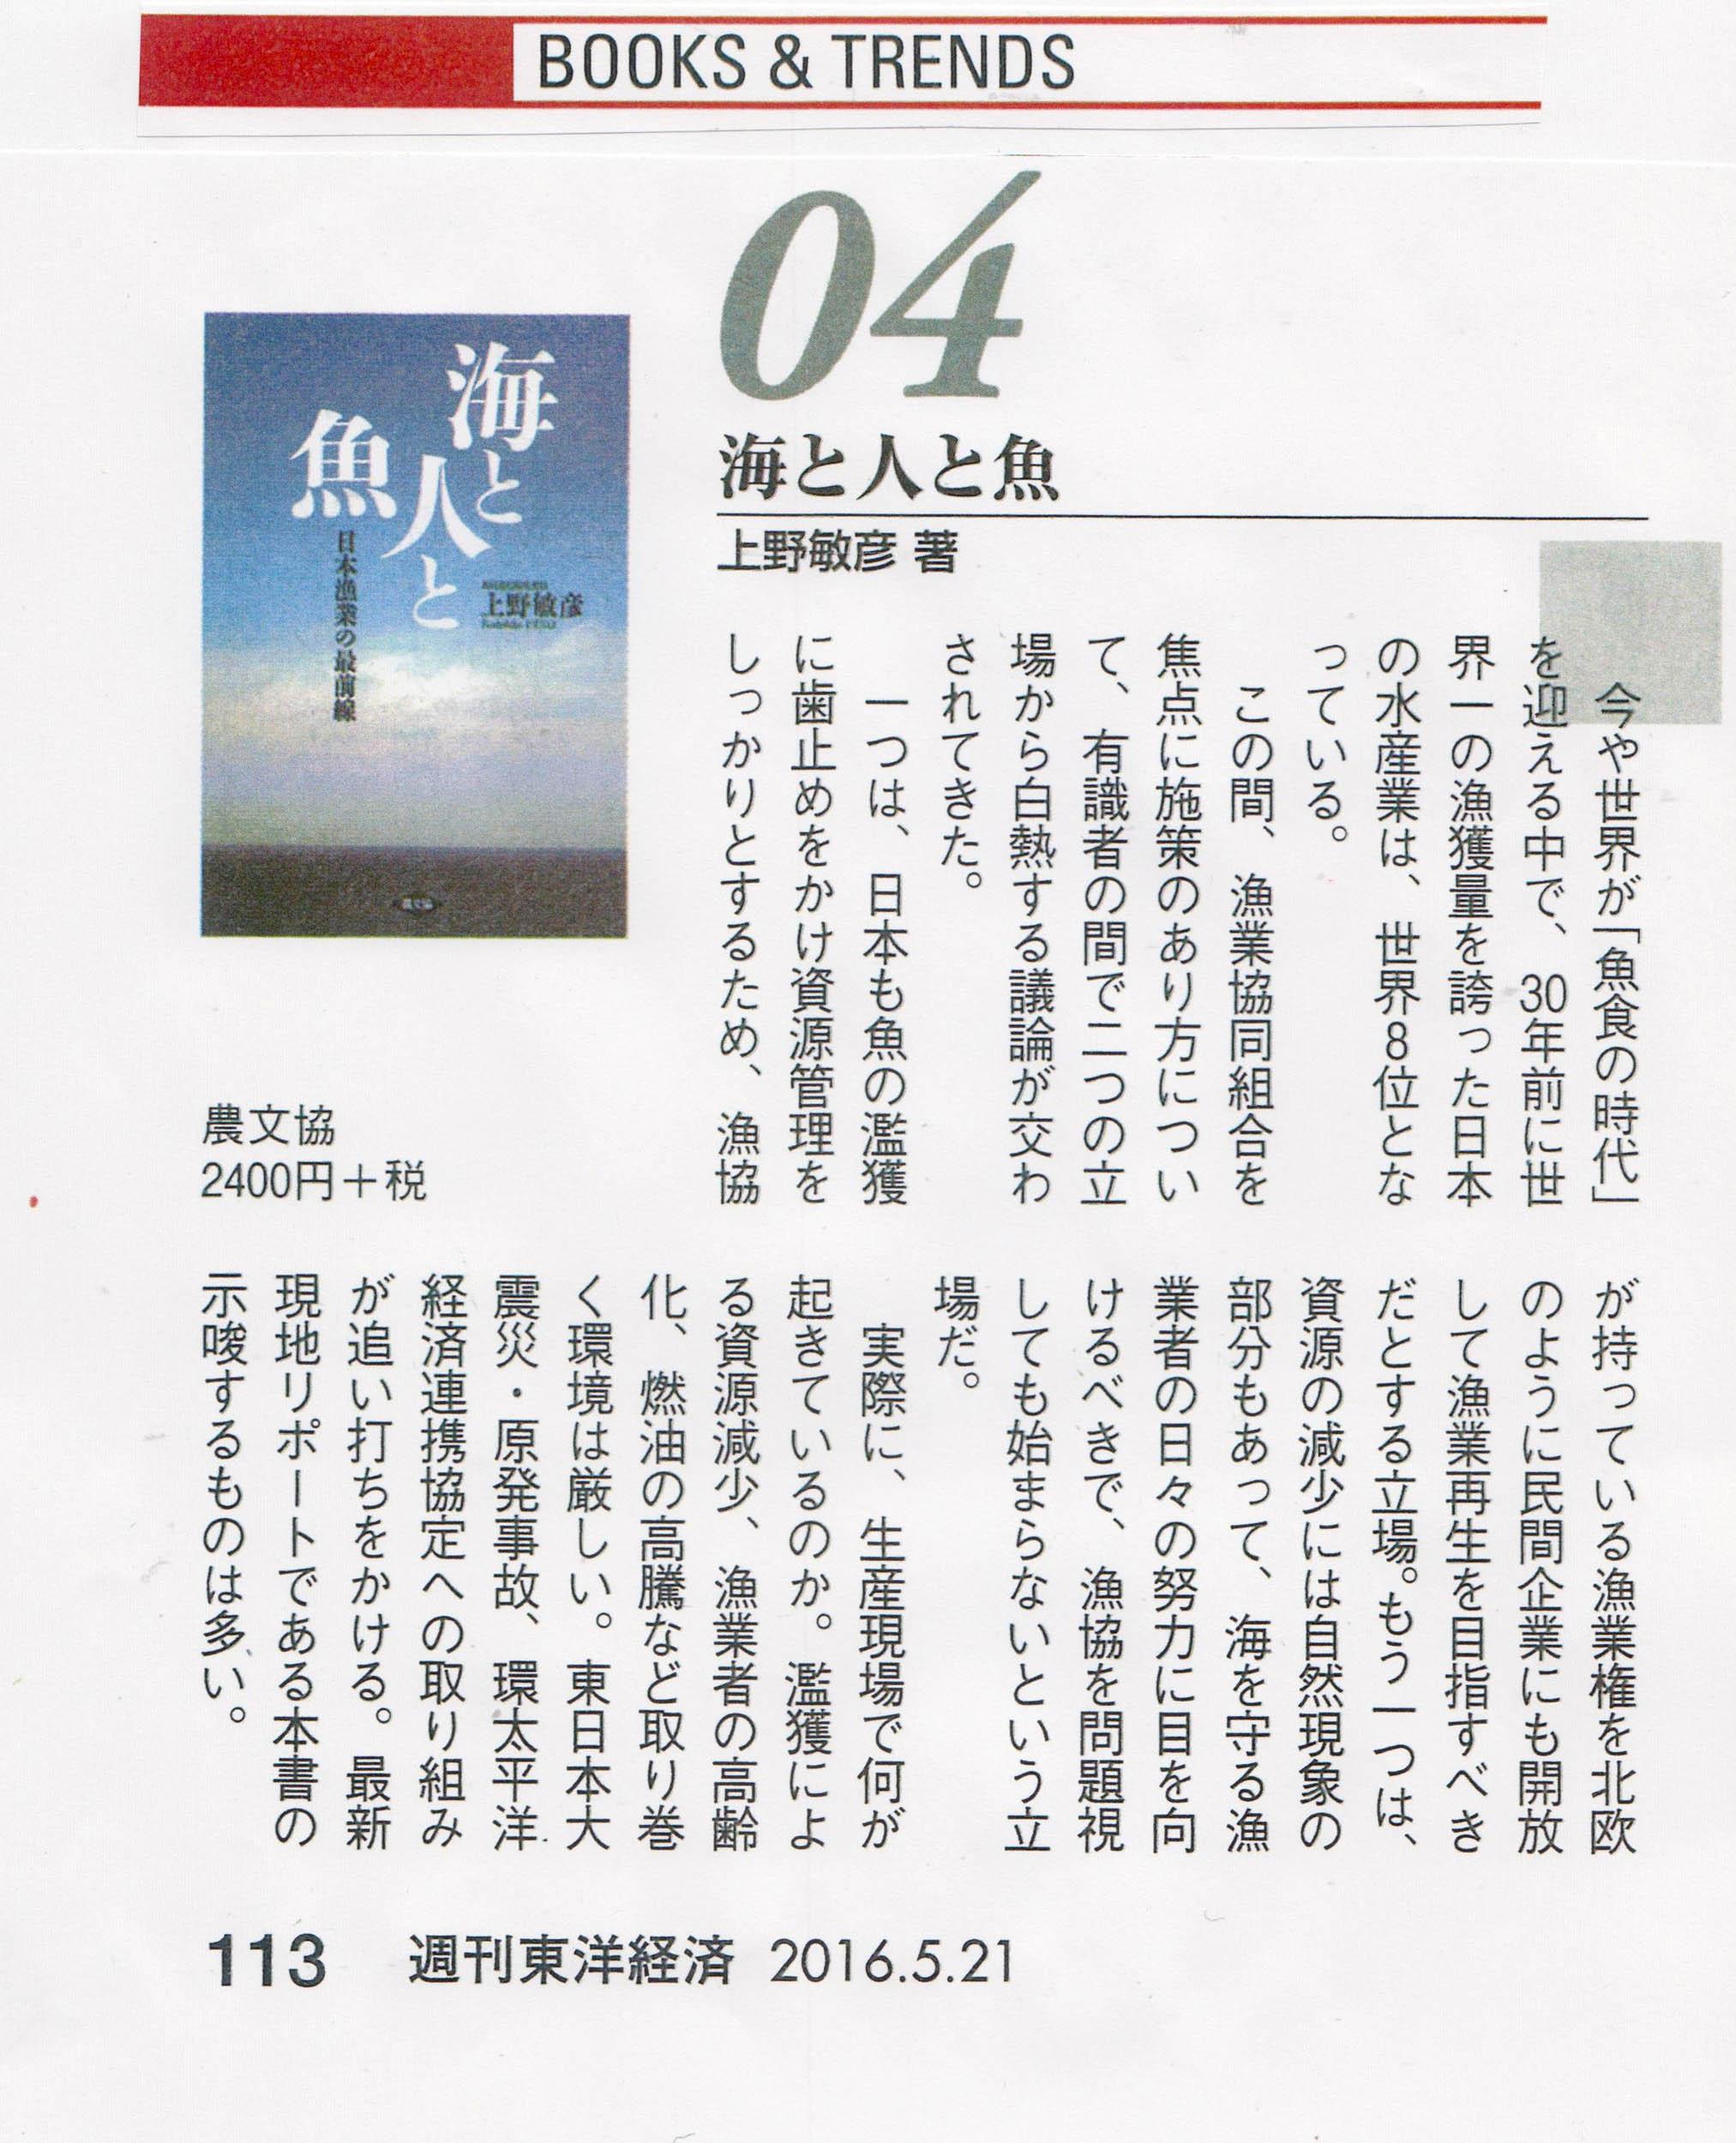 2016.5.21 週刊東洋経済書評